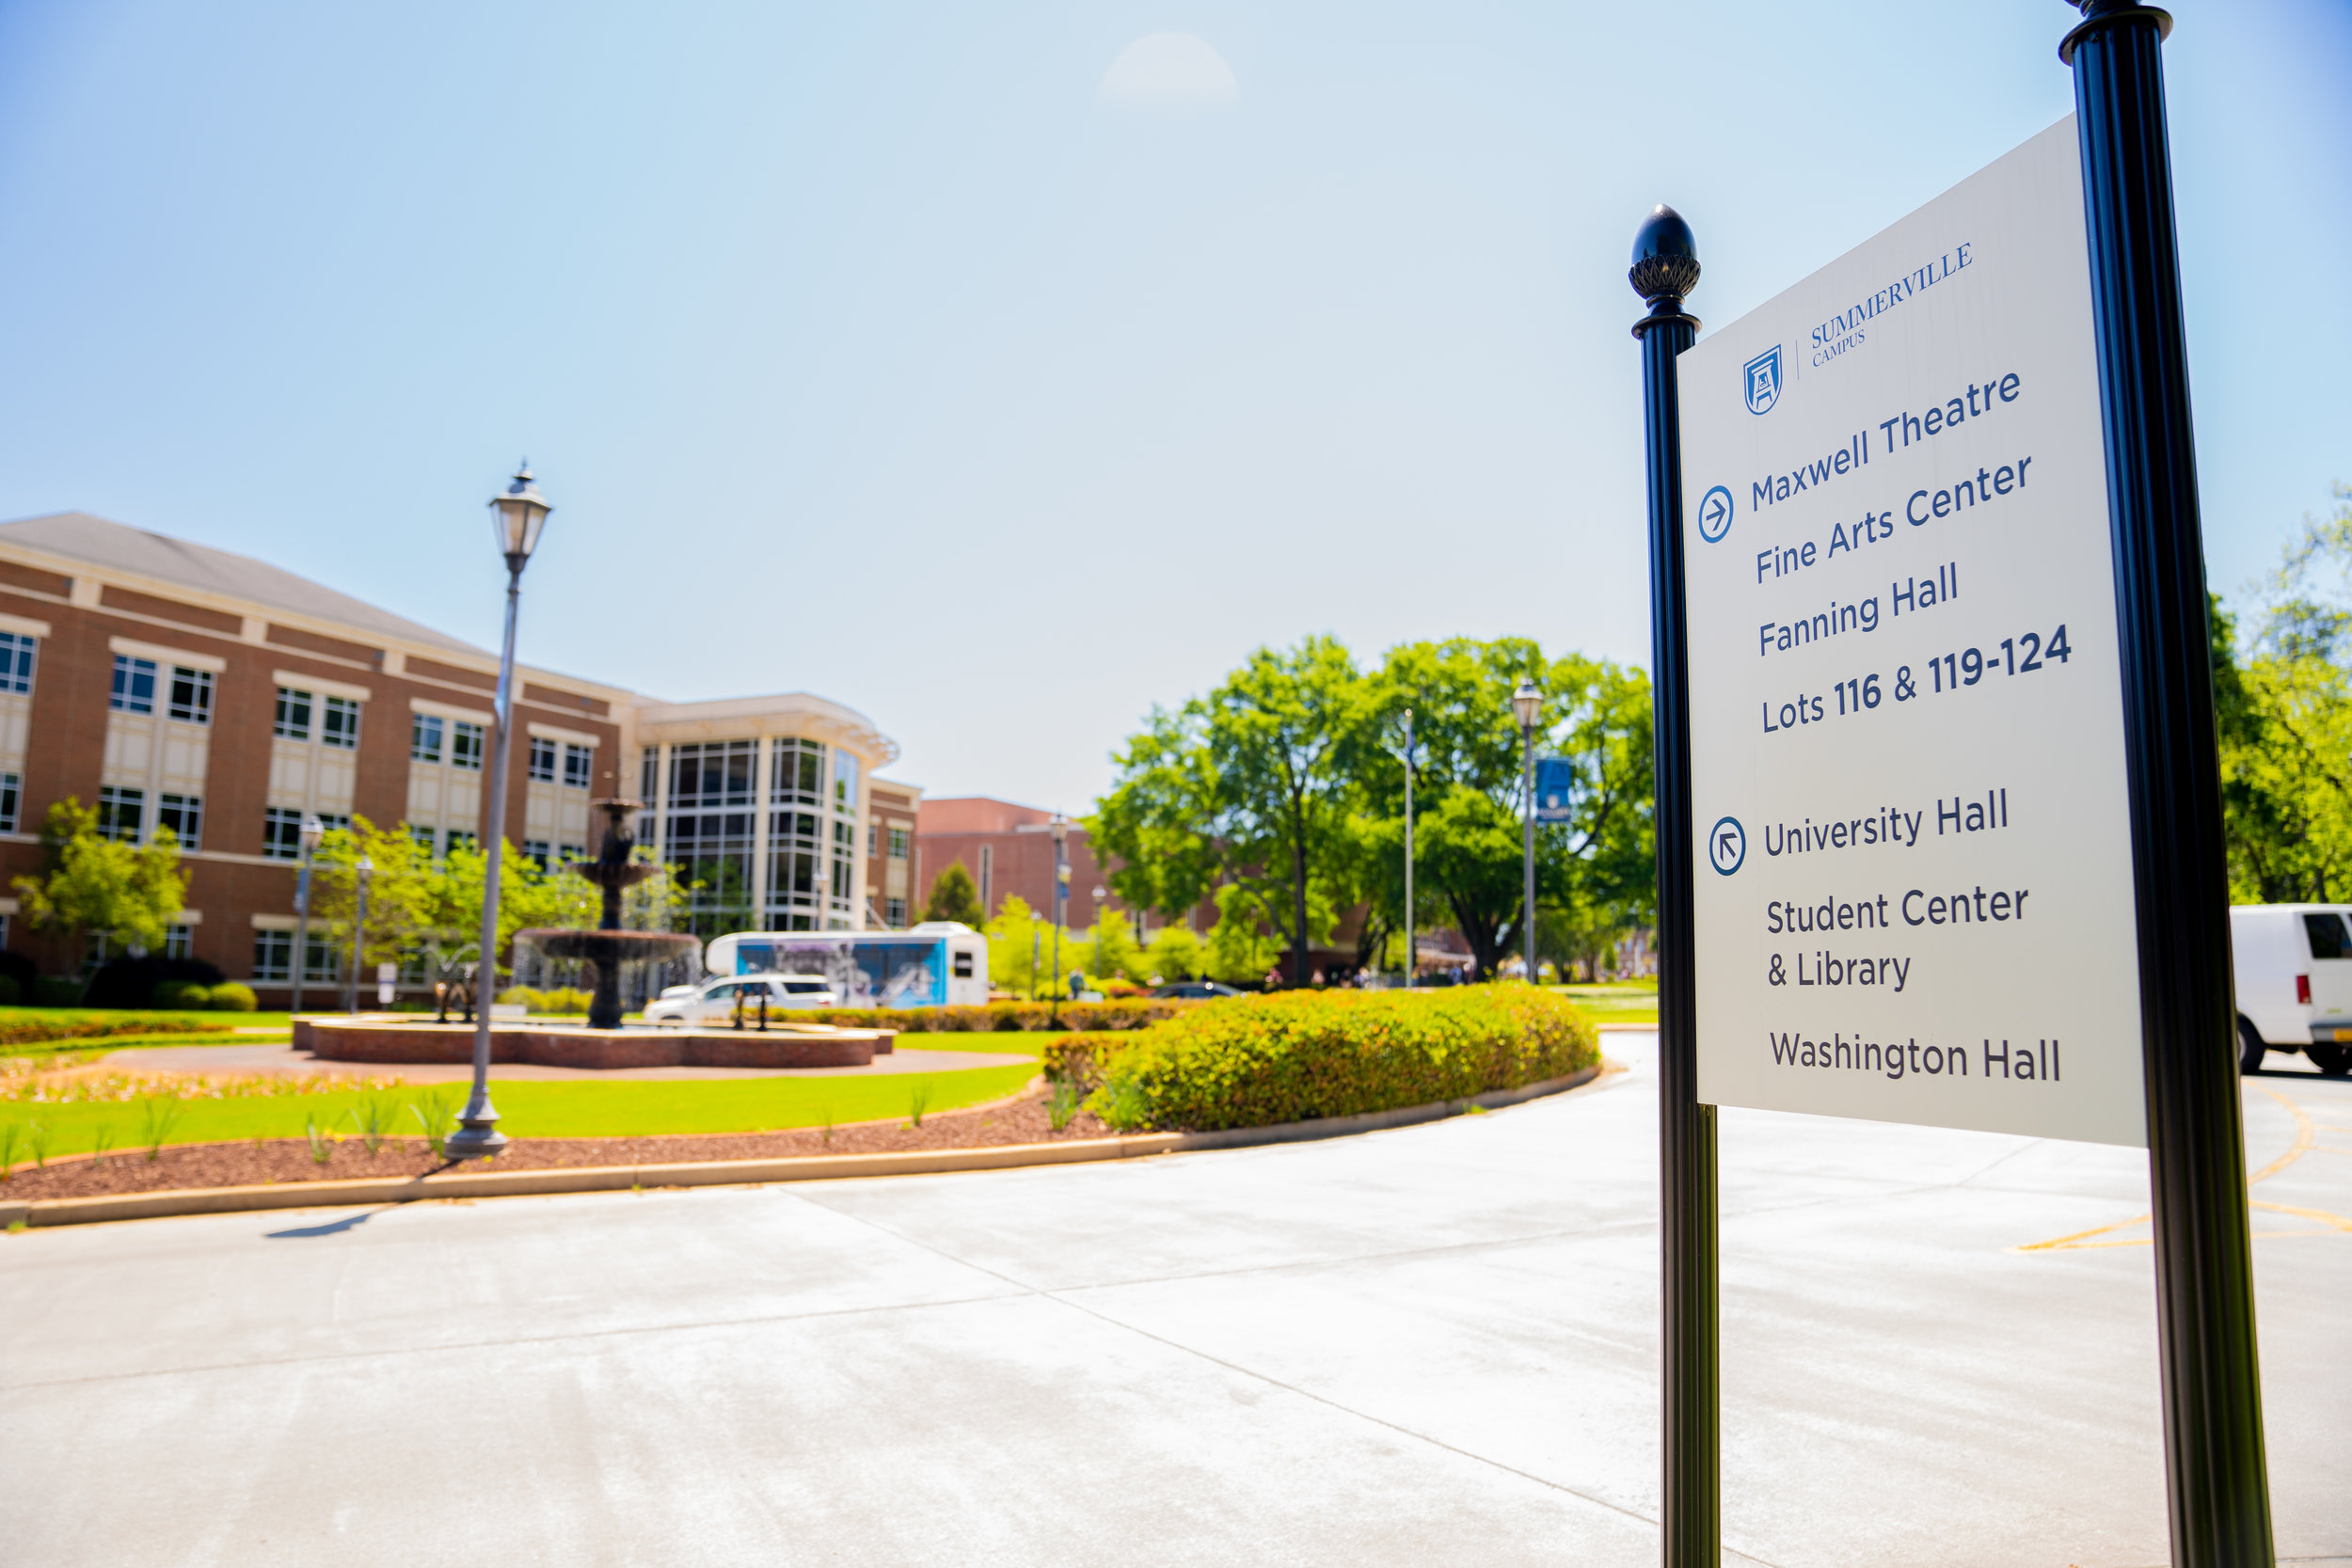 ASU_campus (1 of 15).jpg